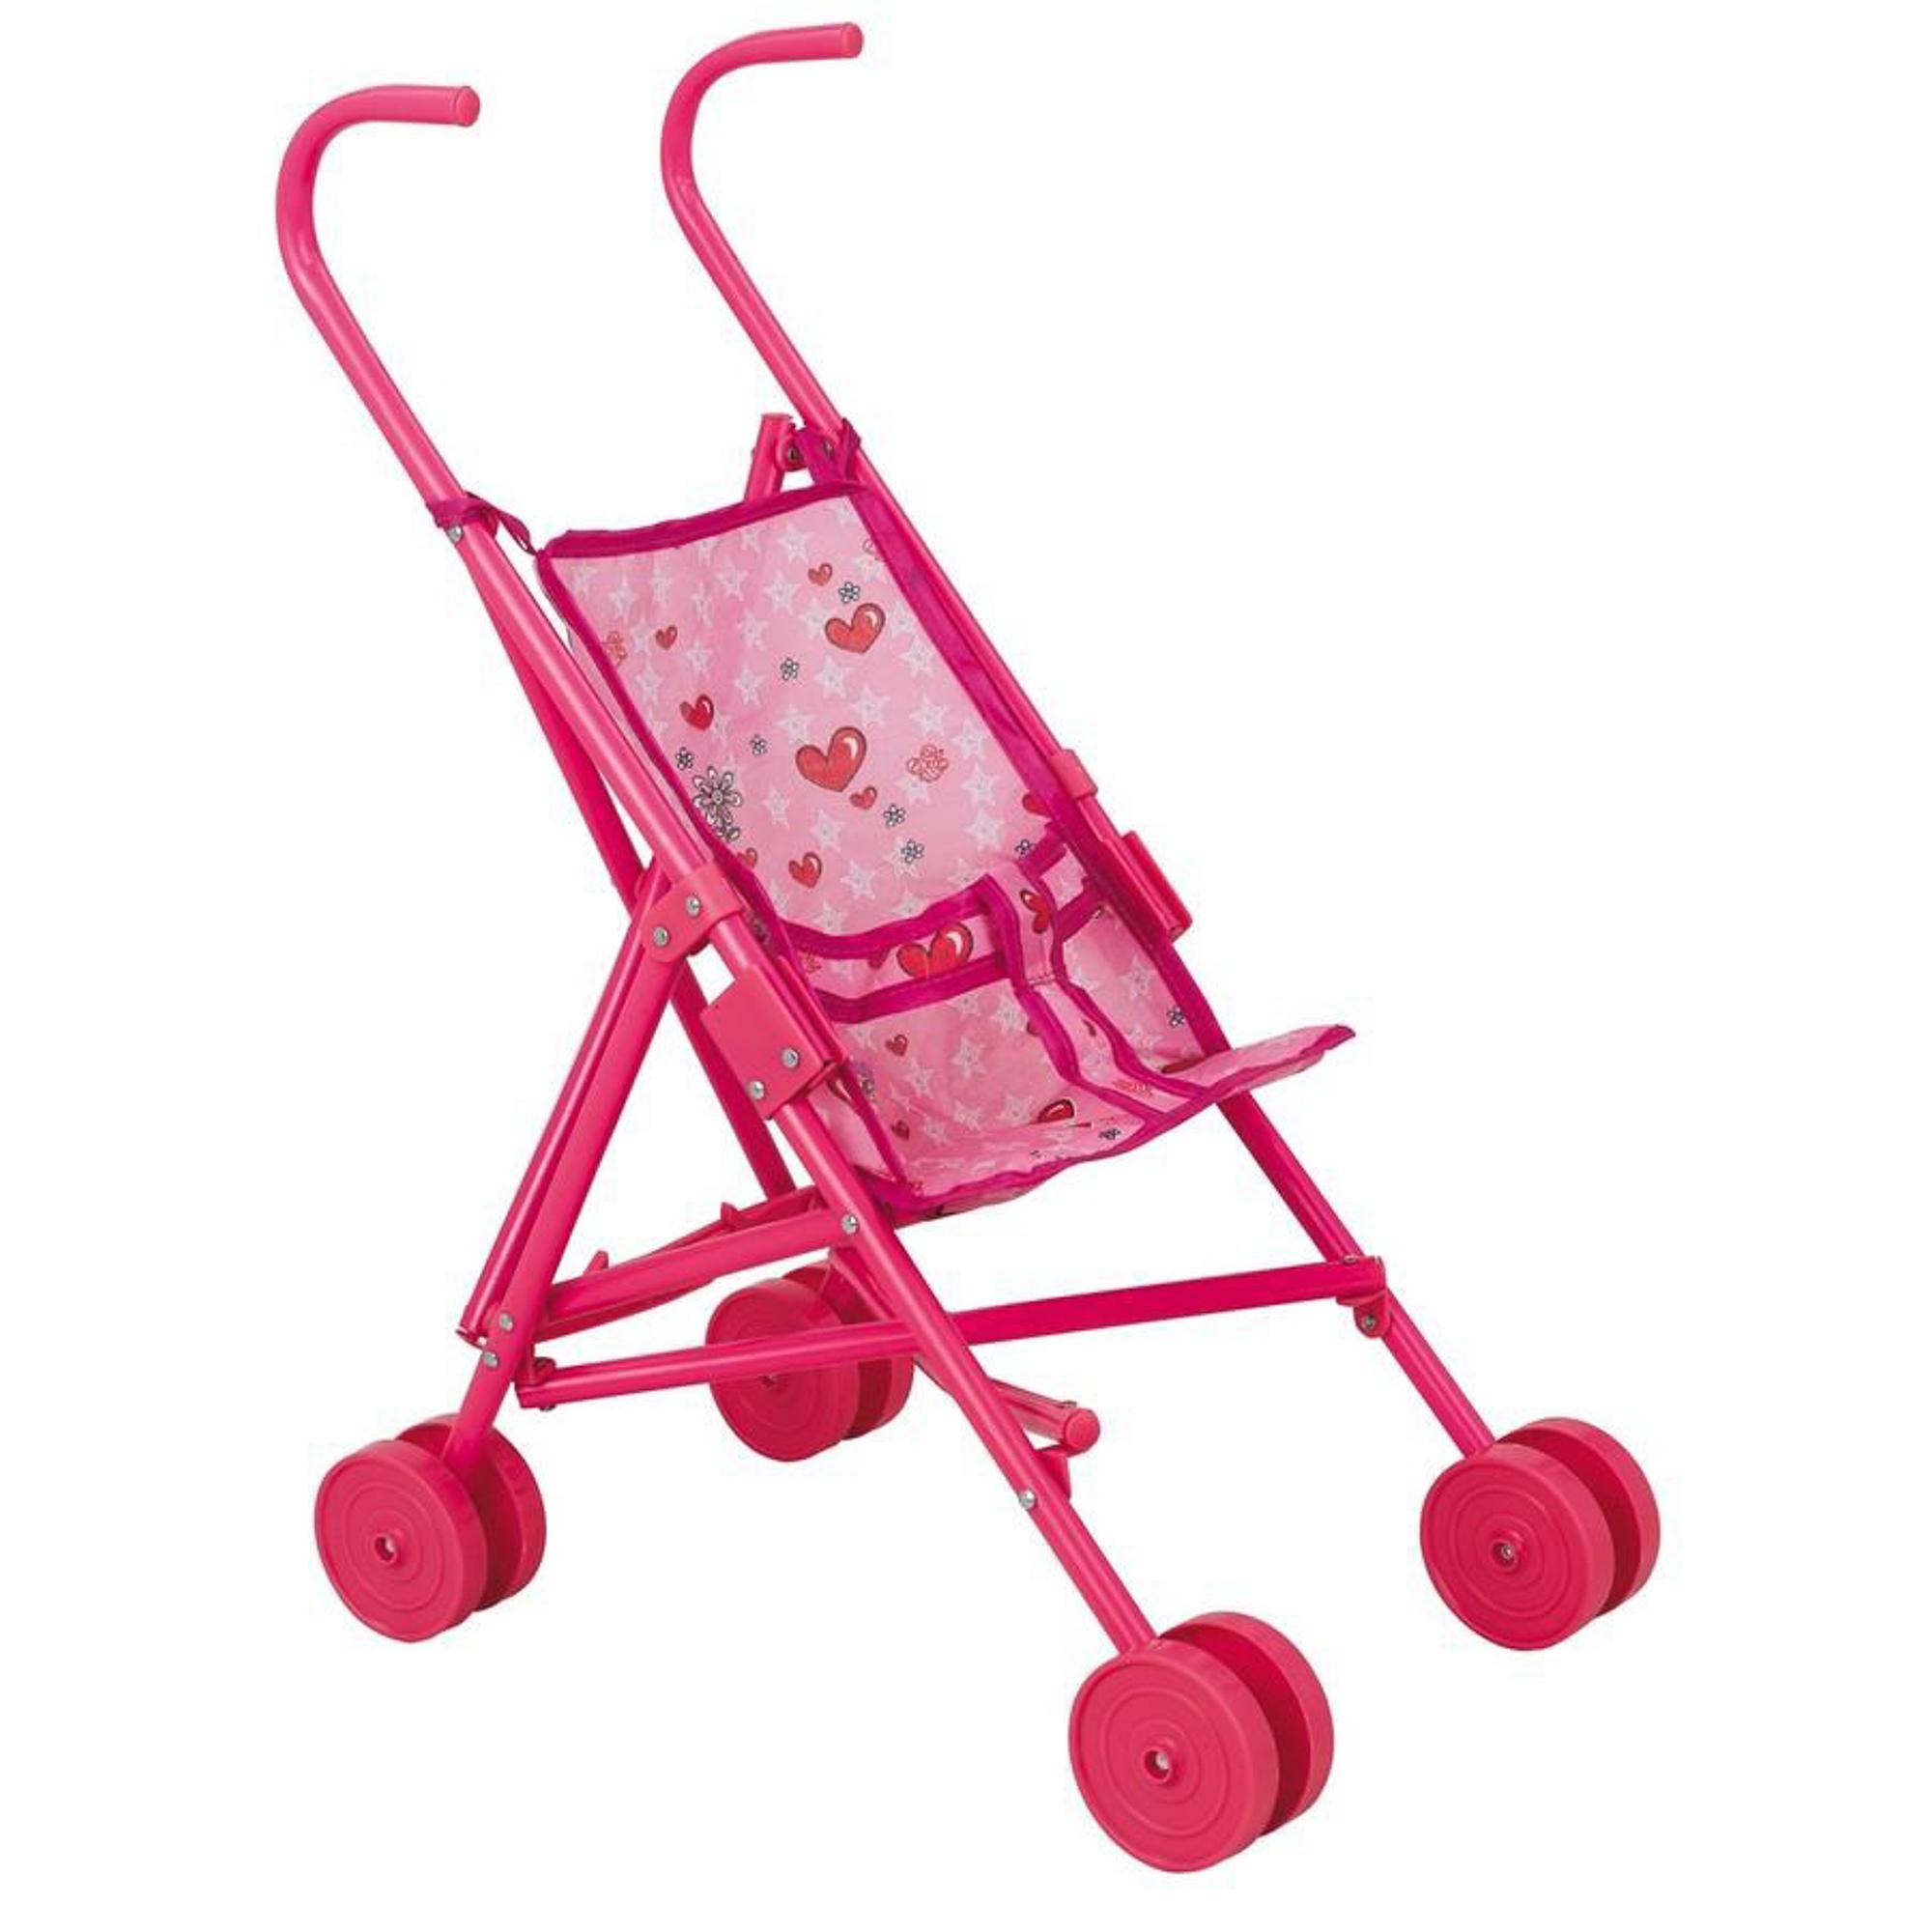 Купить Коляска-трость Buggy Boom Mixy Melobo для кукол, Китай, пластик, текстиль, Кукольные аксессуары